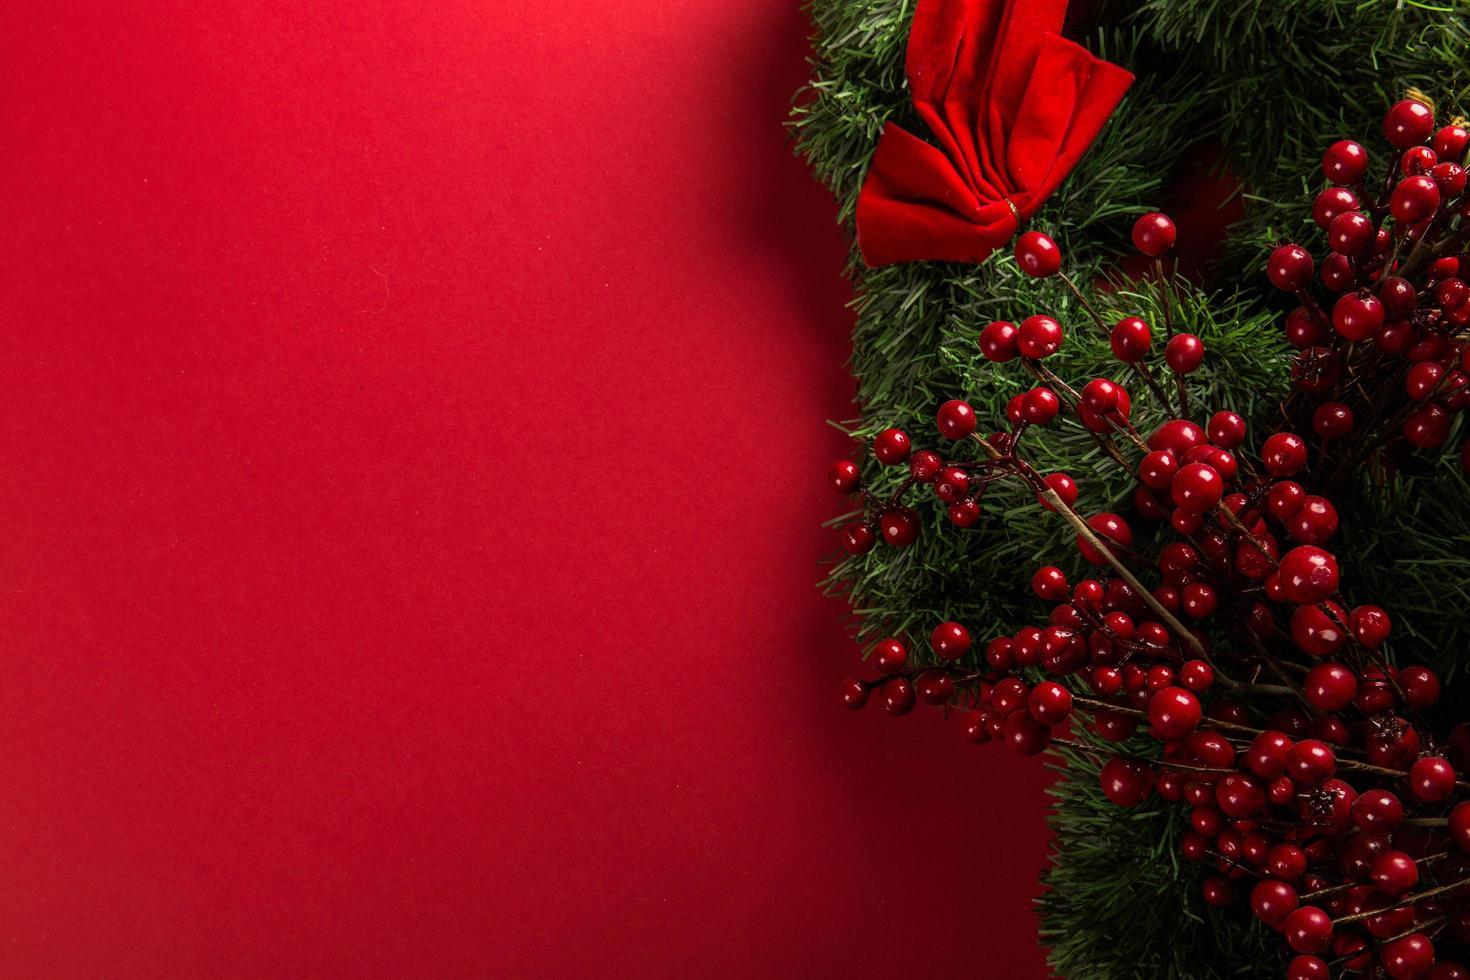 rode en groene decoraties voor de feestdagen foto